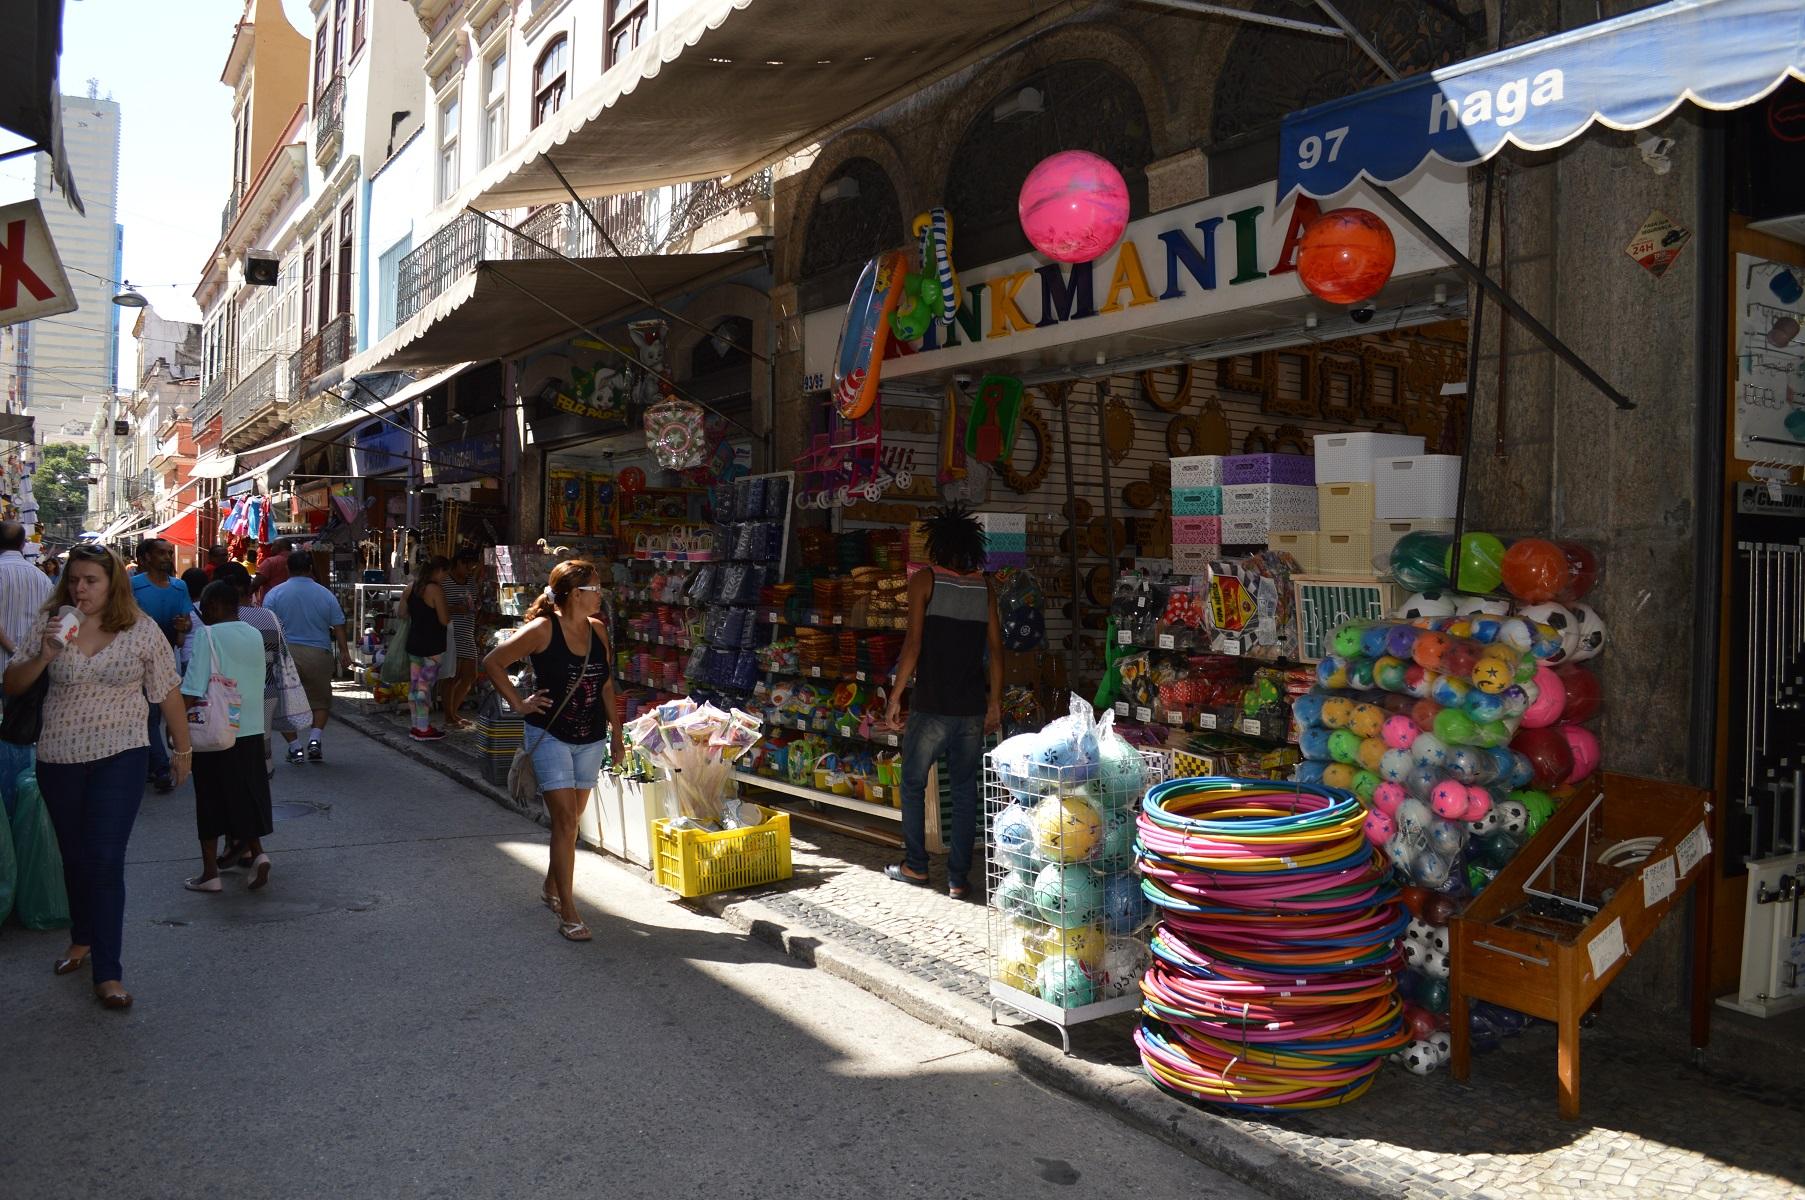 Liberado o horário do comércio de rua